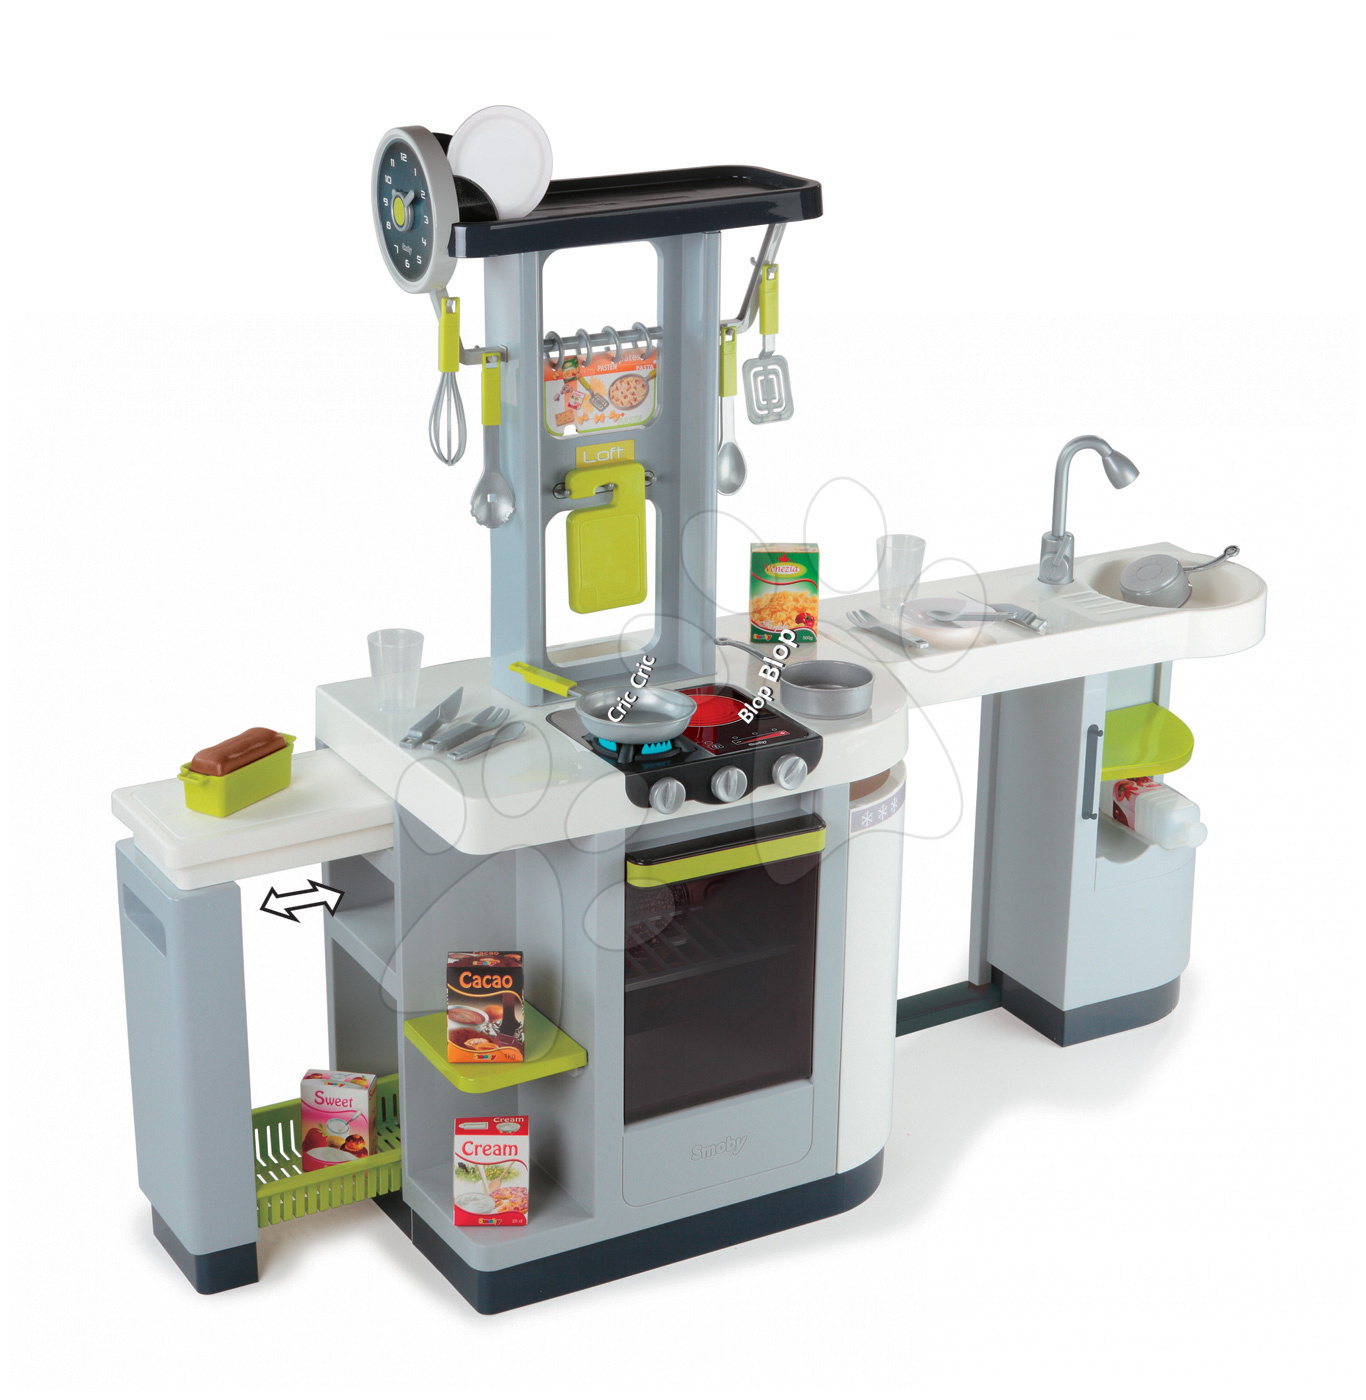 Elektronické kuchyňky - Kuchyňka Loft 4v1 Smoby elektronická se zvuky, s vysouvací pracovní plochou a 25 doplňky stříbrná